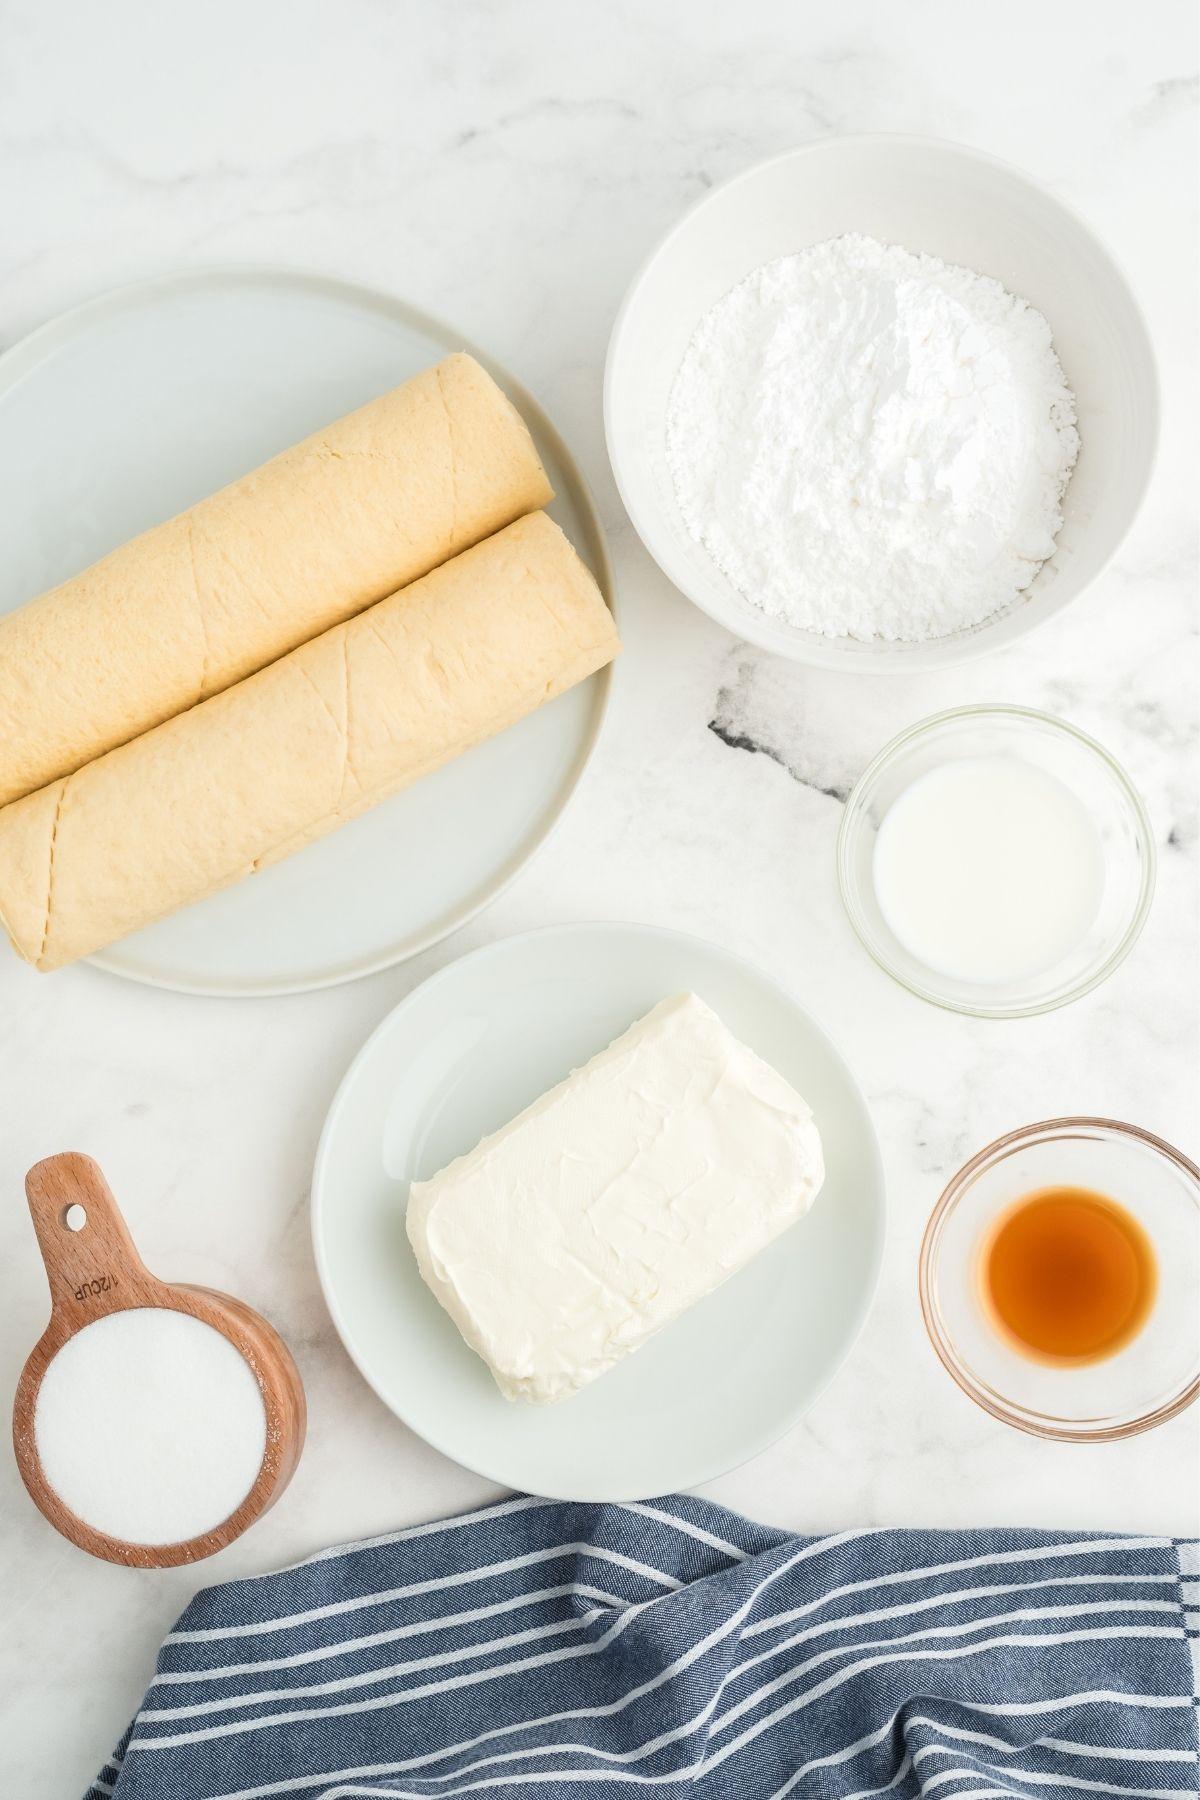 ingredients on white counter: 2 crescent rolls, powdered sugar, milk, vanilla, cream cheese, sugar